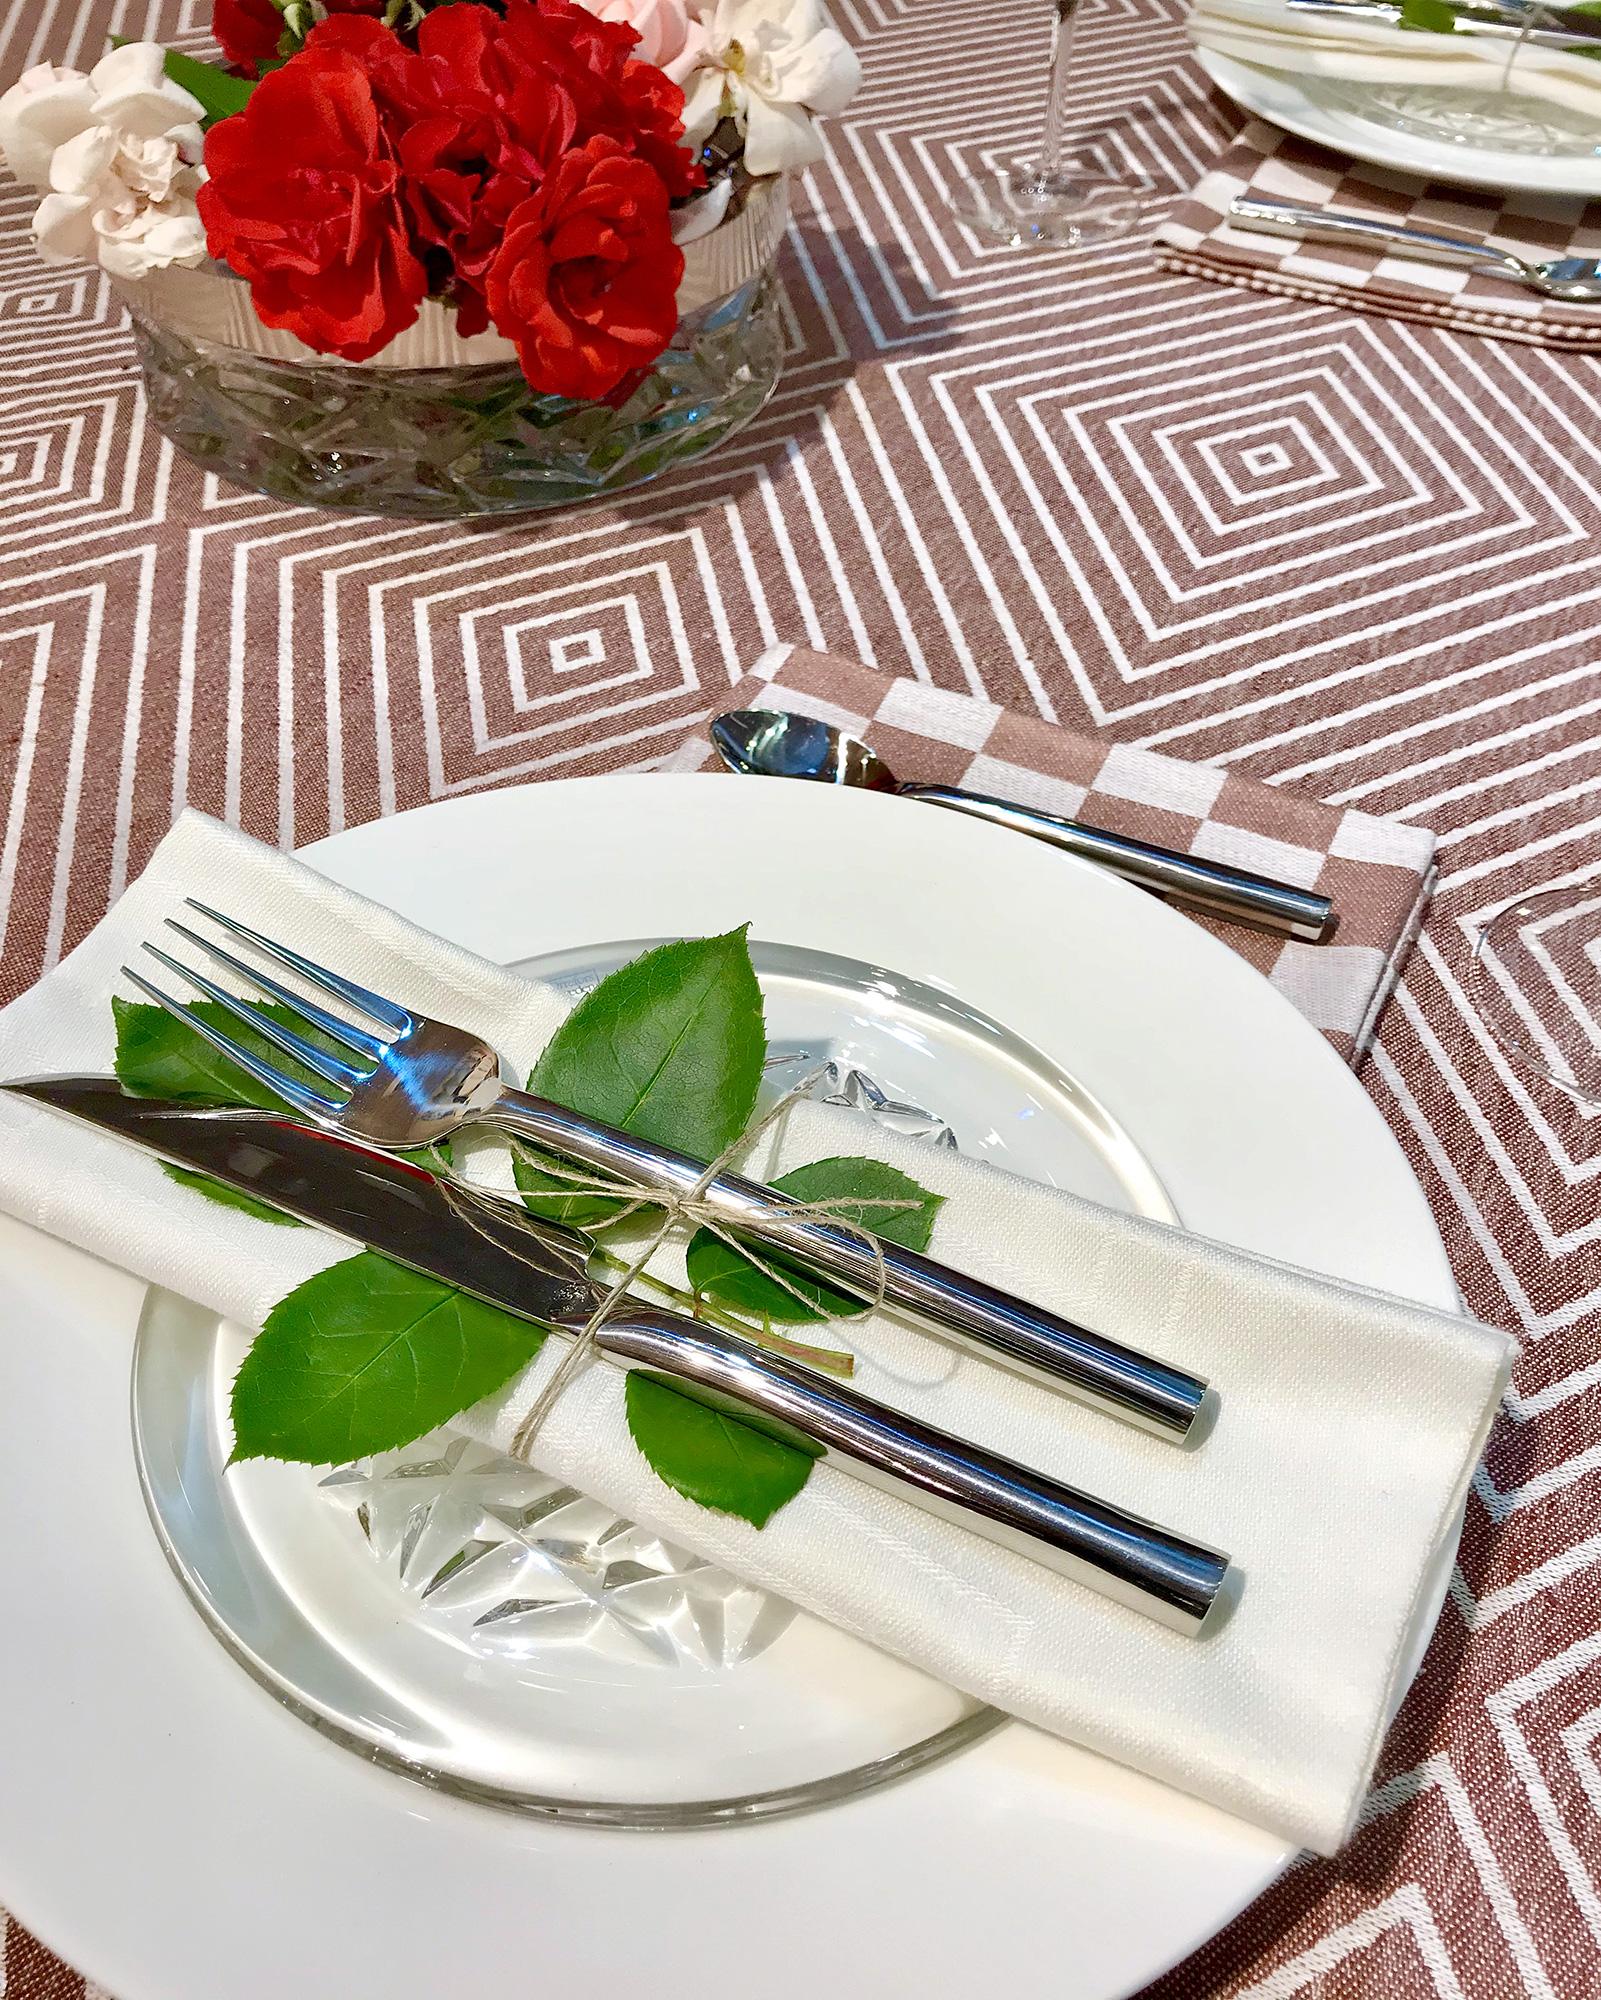 Gåsöga rostbrun duk Shackrutan rostbrun servett och robust vit servett